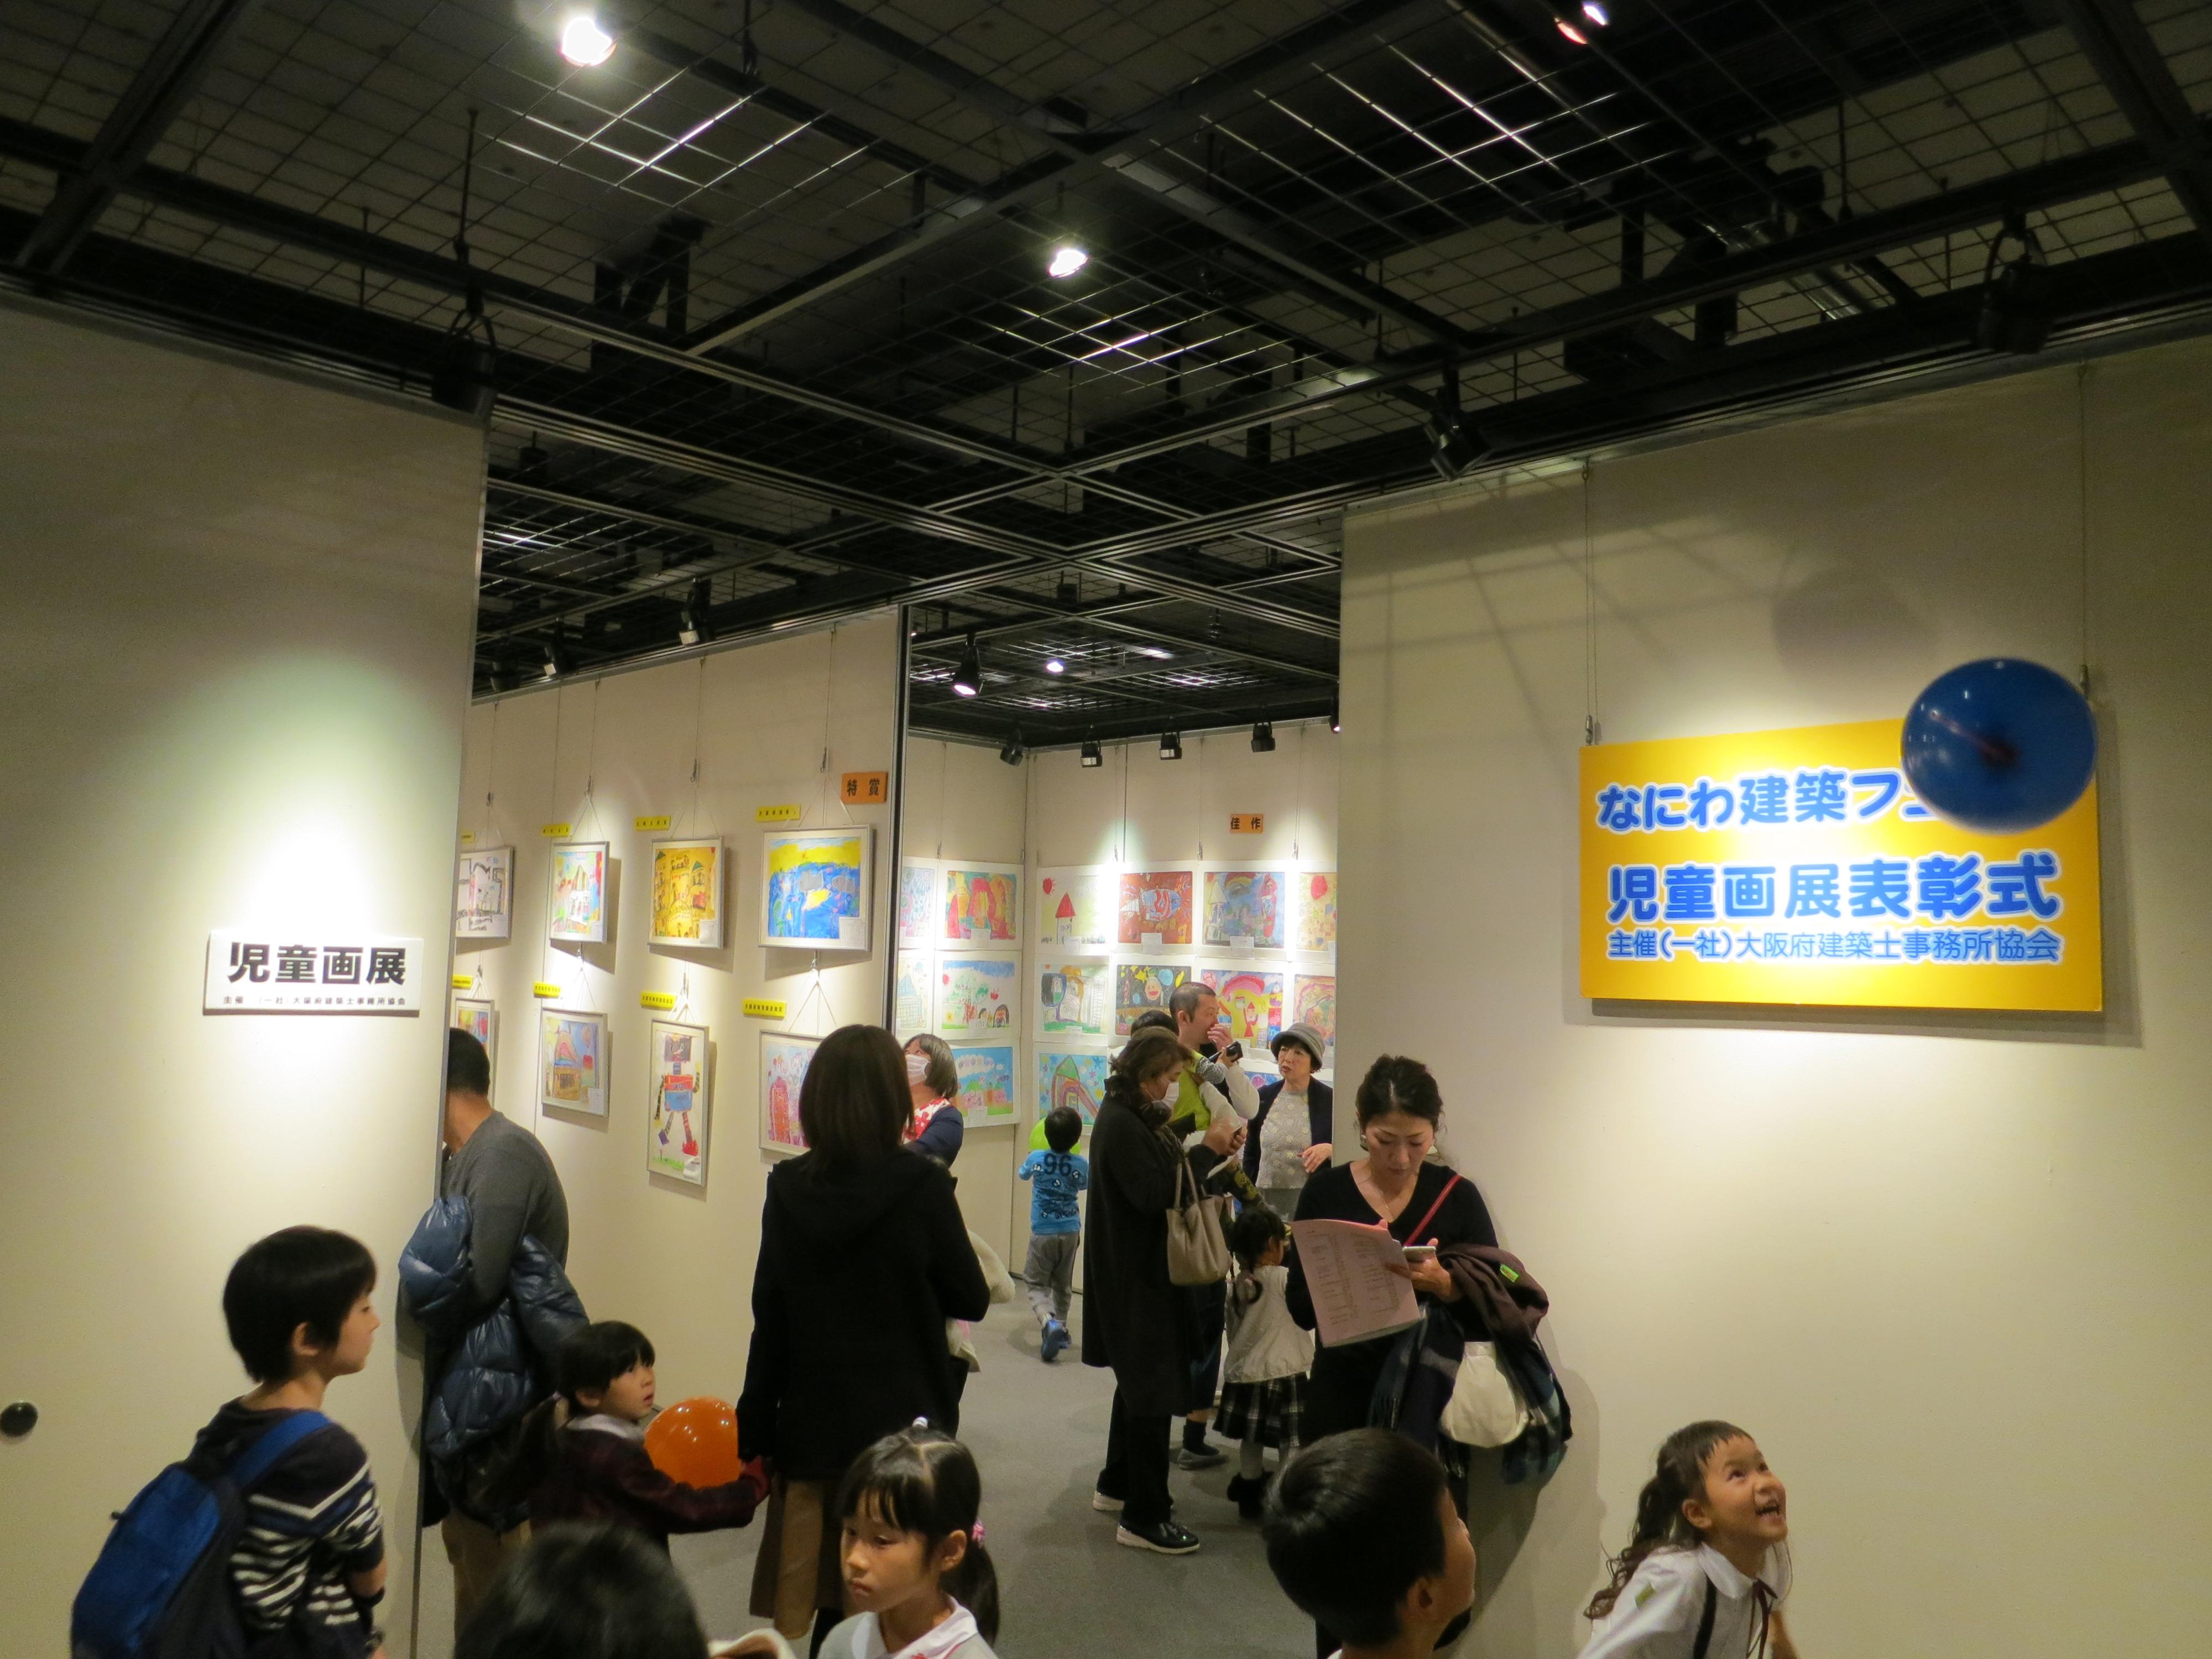 181227 なにわ建築フェスタ 児童画展